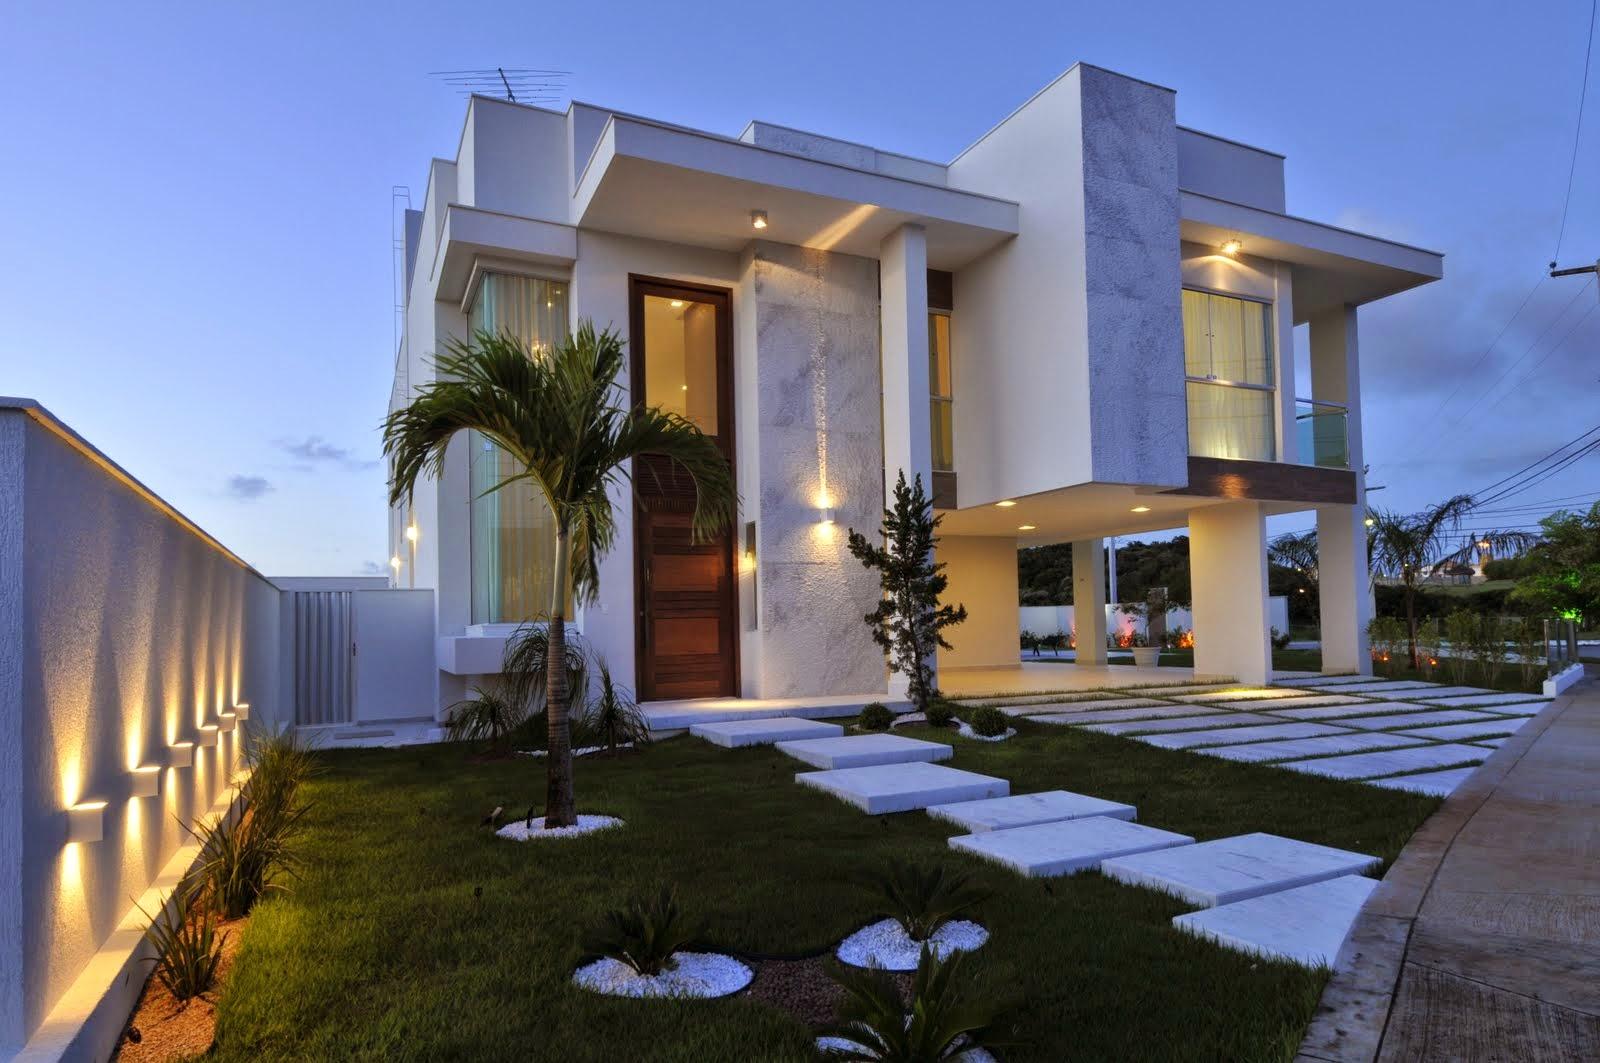 20 fachadas de casas modernas com linhas retas veja - Fachadas de casas modernas planta baja ...